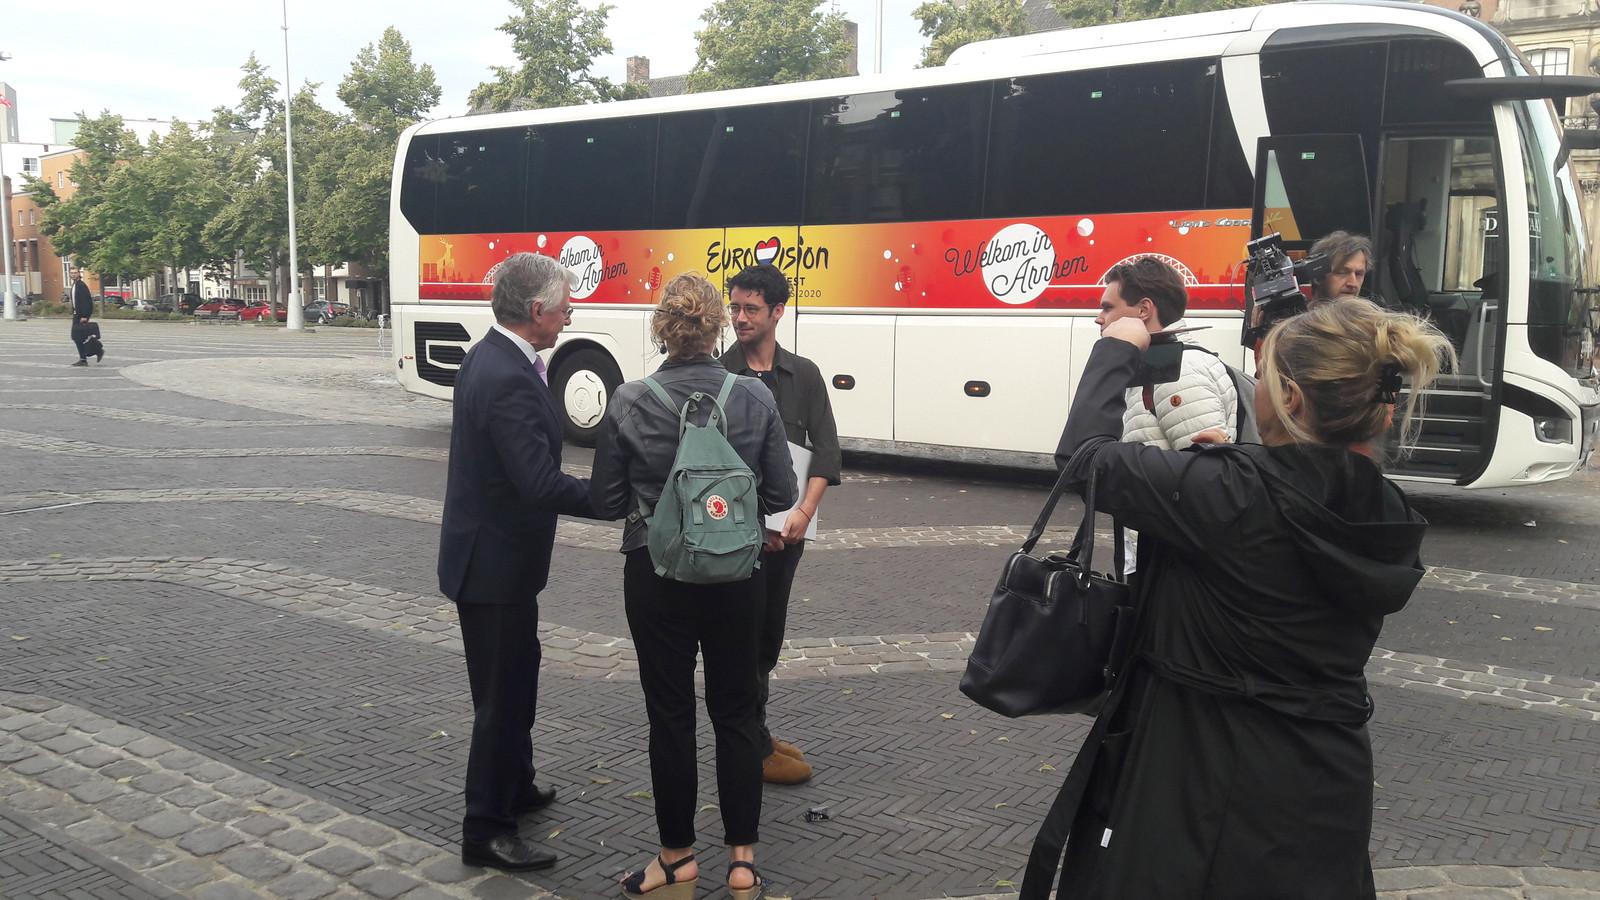 Commissaris van de Koning John Berends bij 'de Arnhemse bus'.